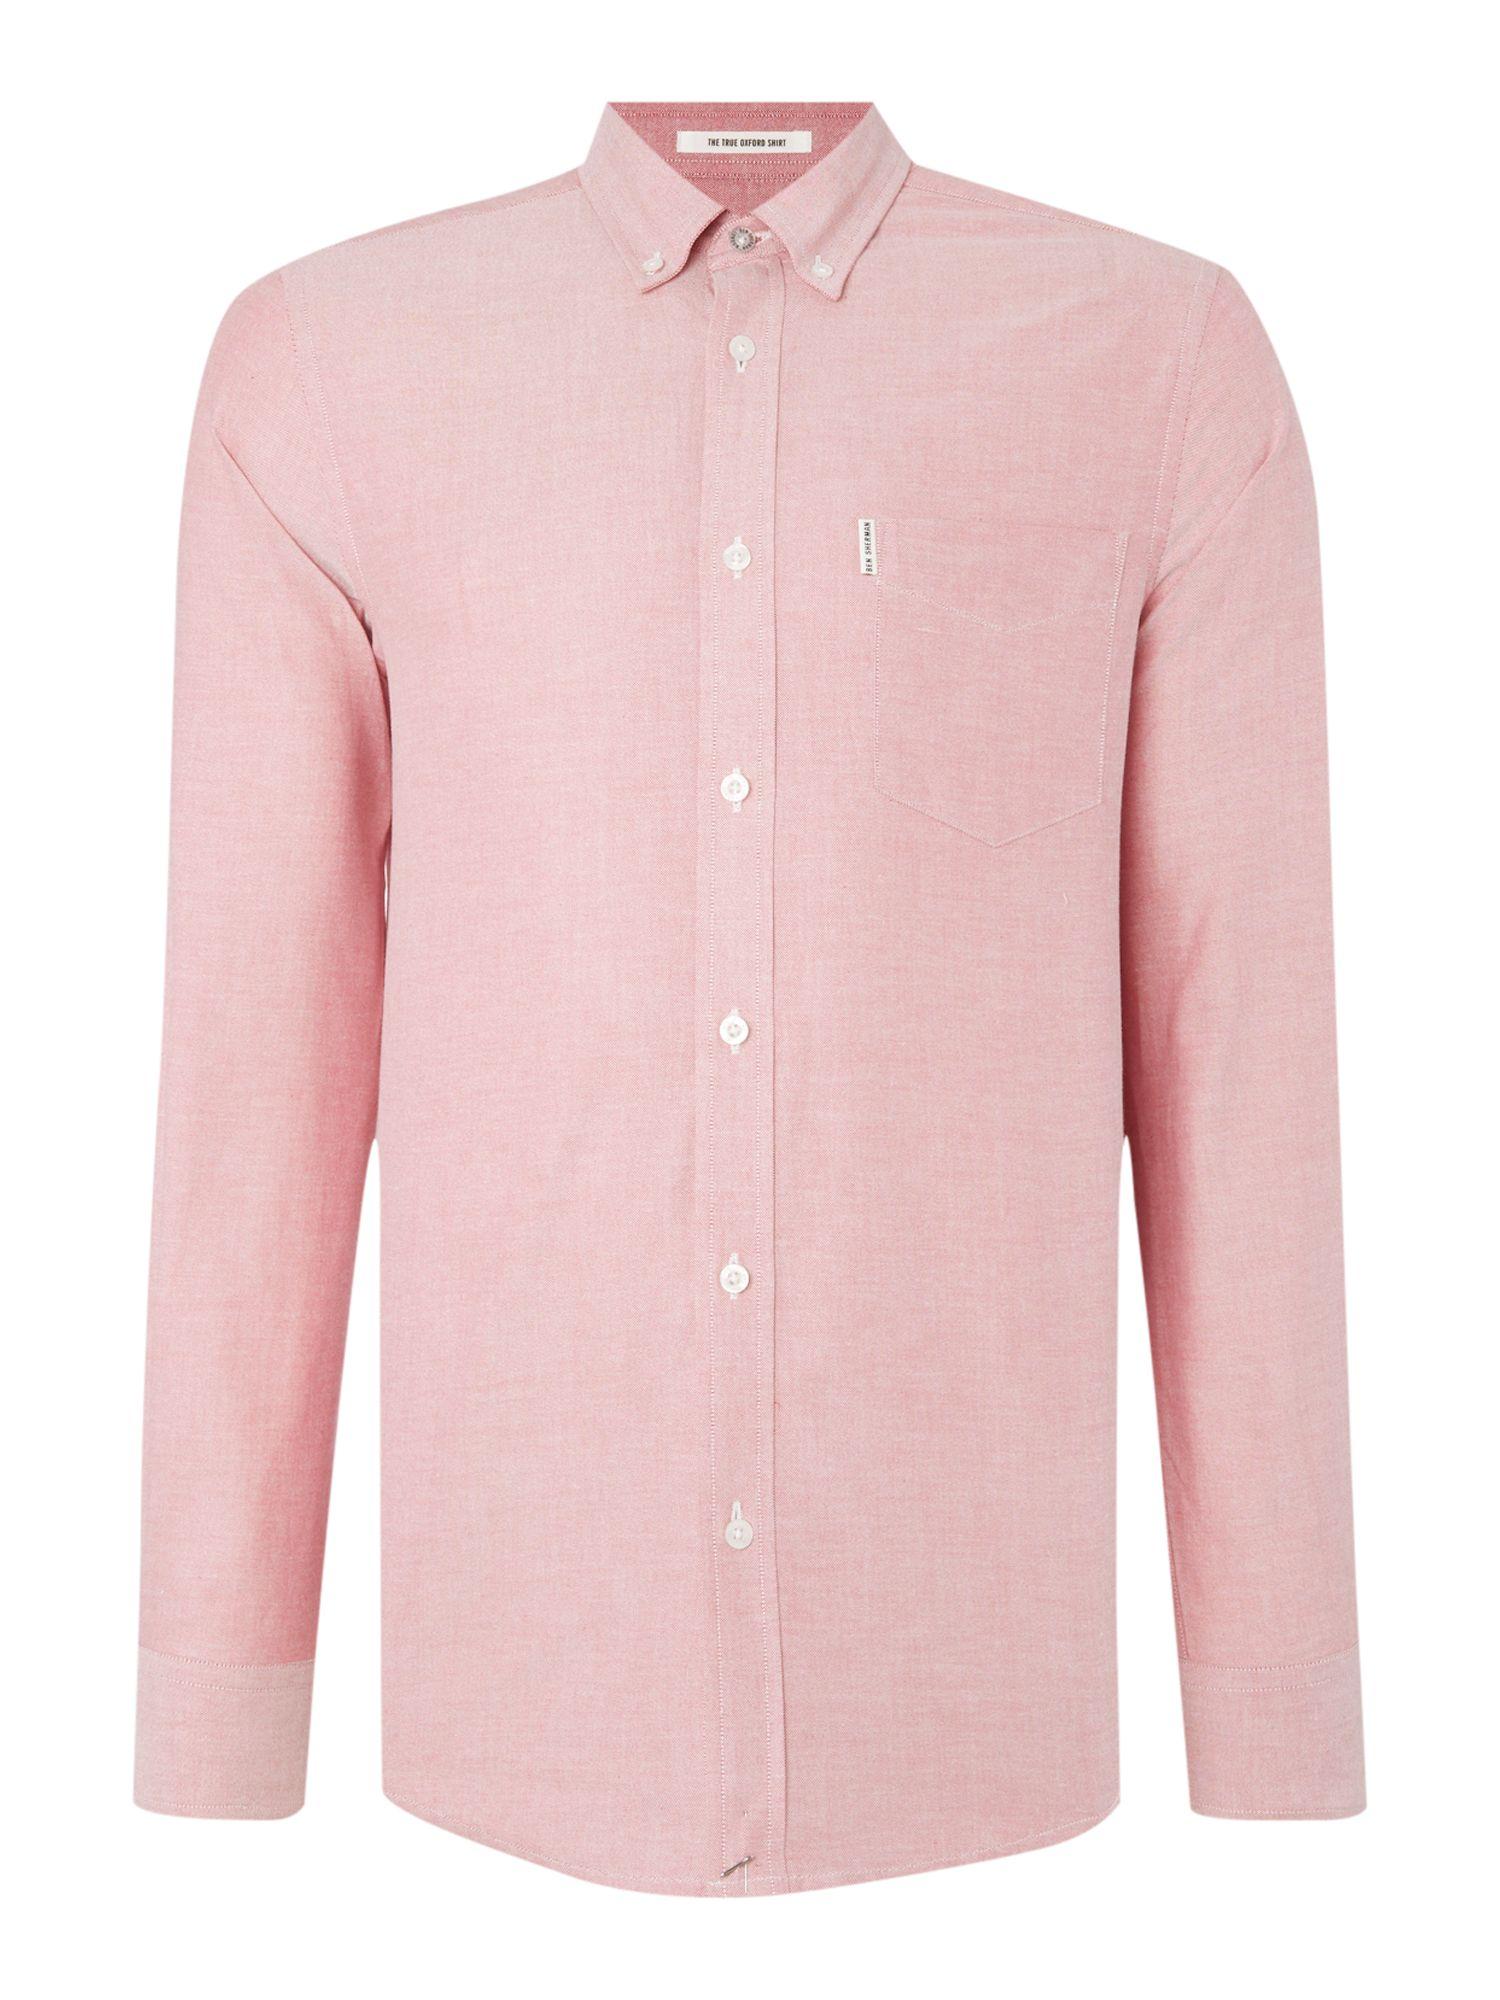 Ben sherman classic oxford long sleeve shirt in pink for for Mens pink long sleeve shirt